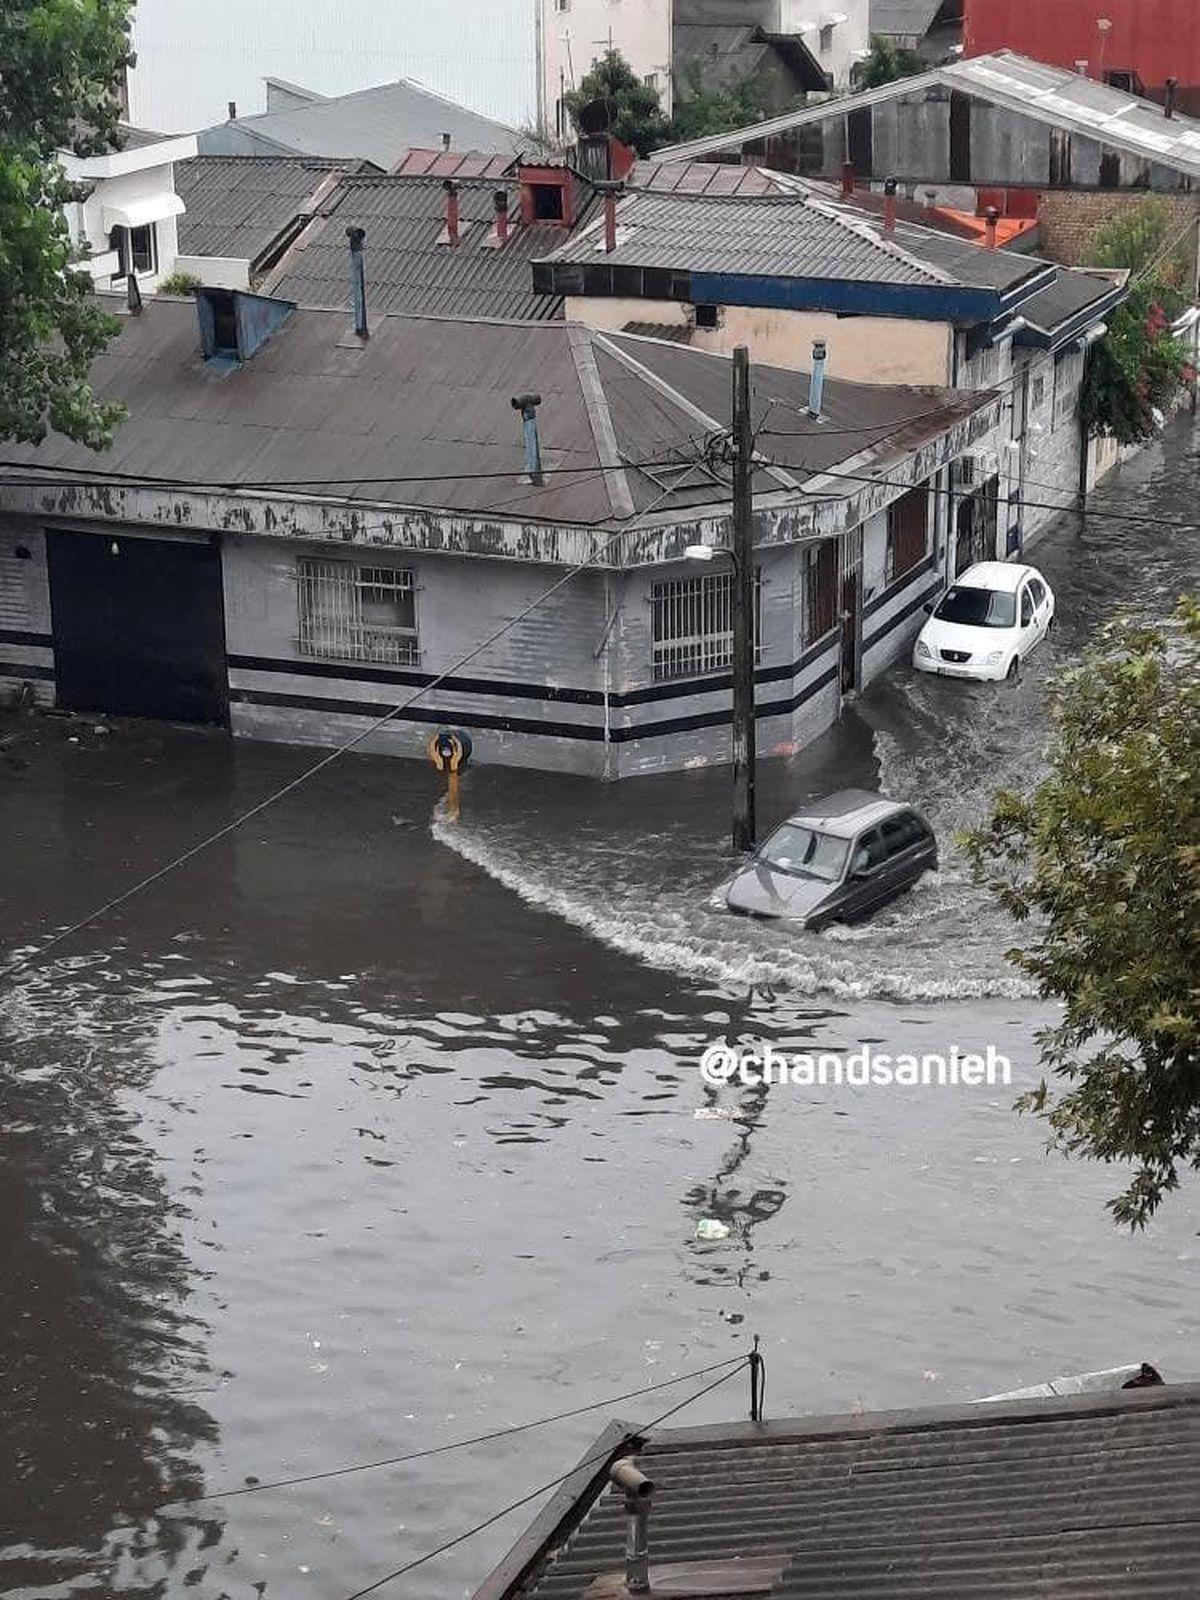 آبگرفتگی رشت بر اثر بارش شدید بامدادی +عکس